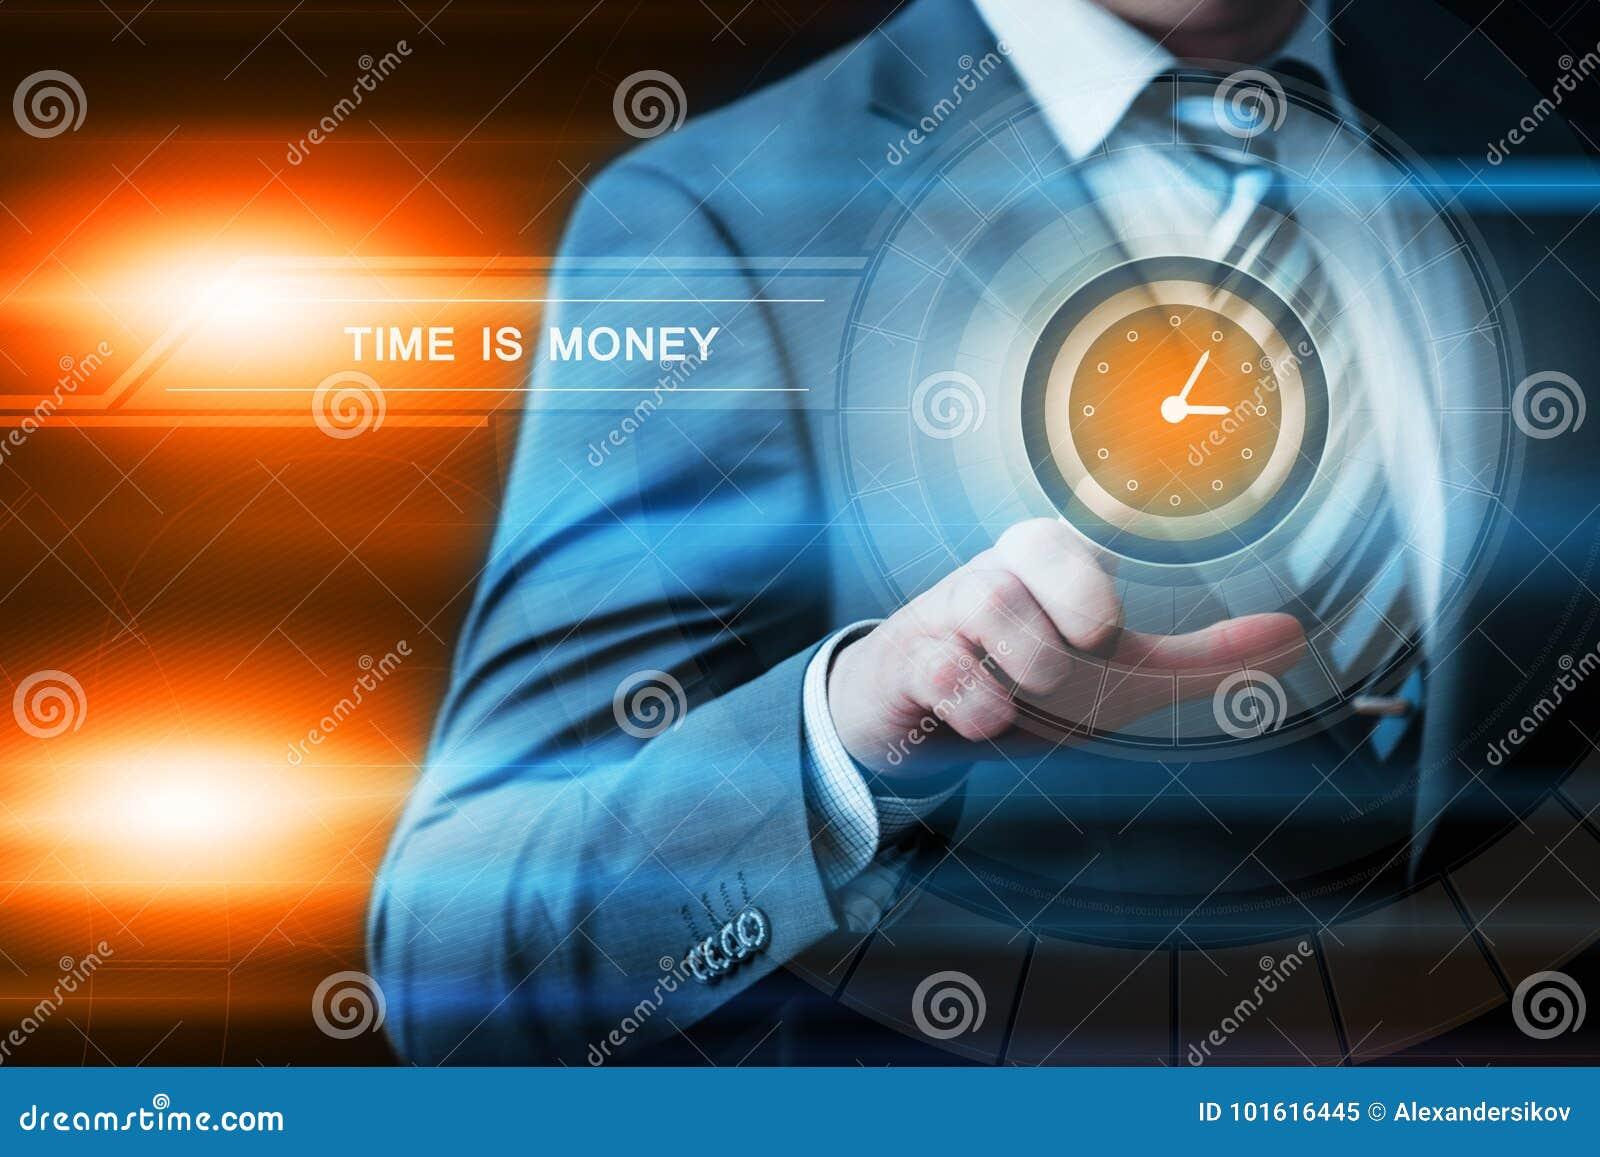 时间是金钱投资财务企业技术互联网概念